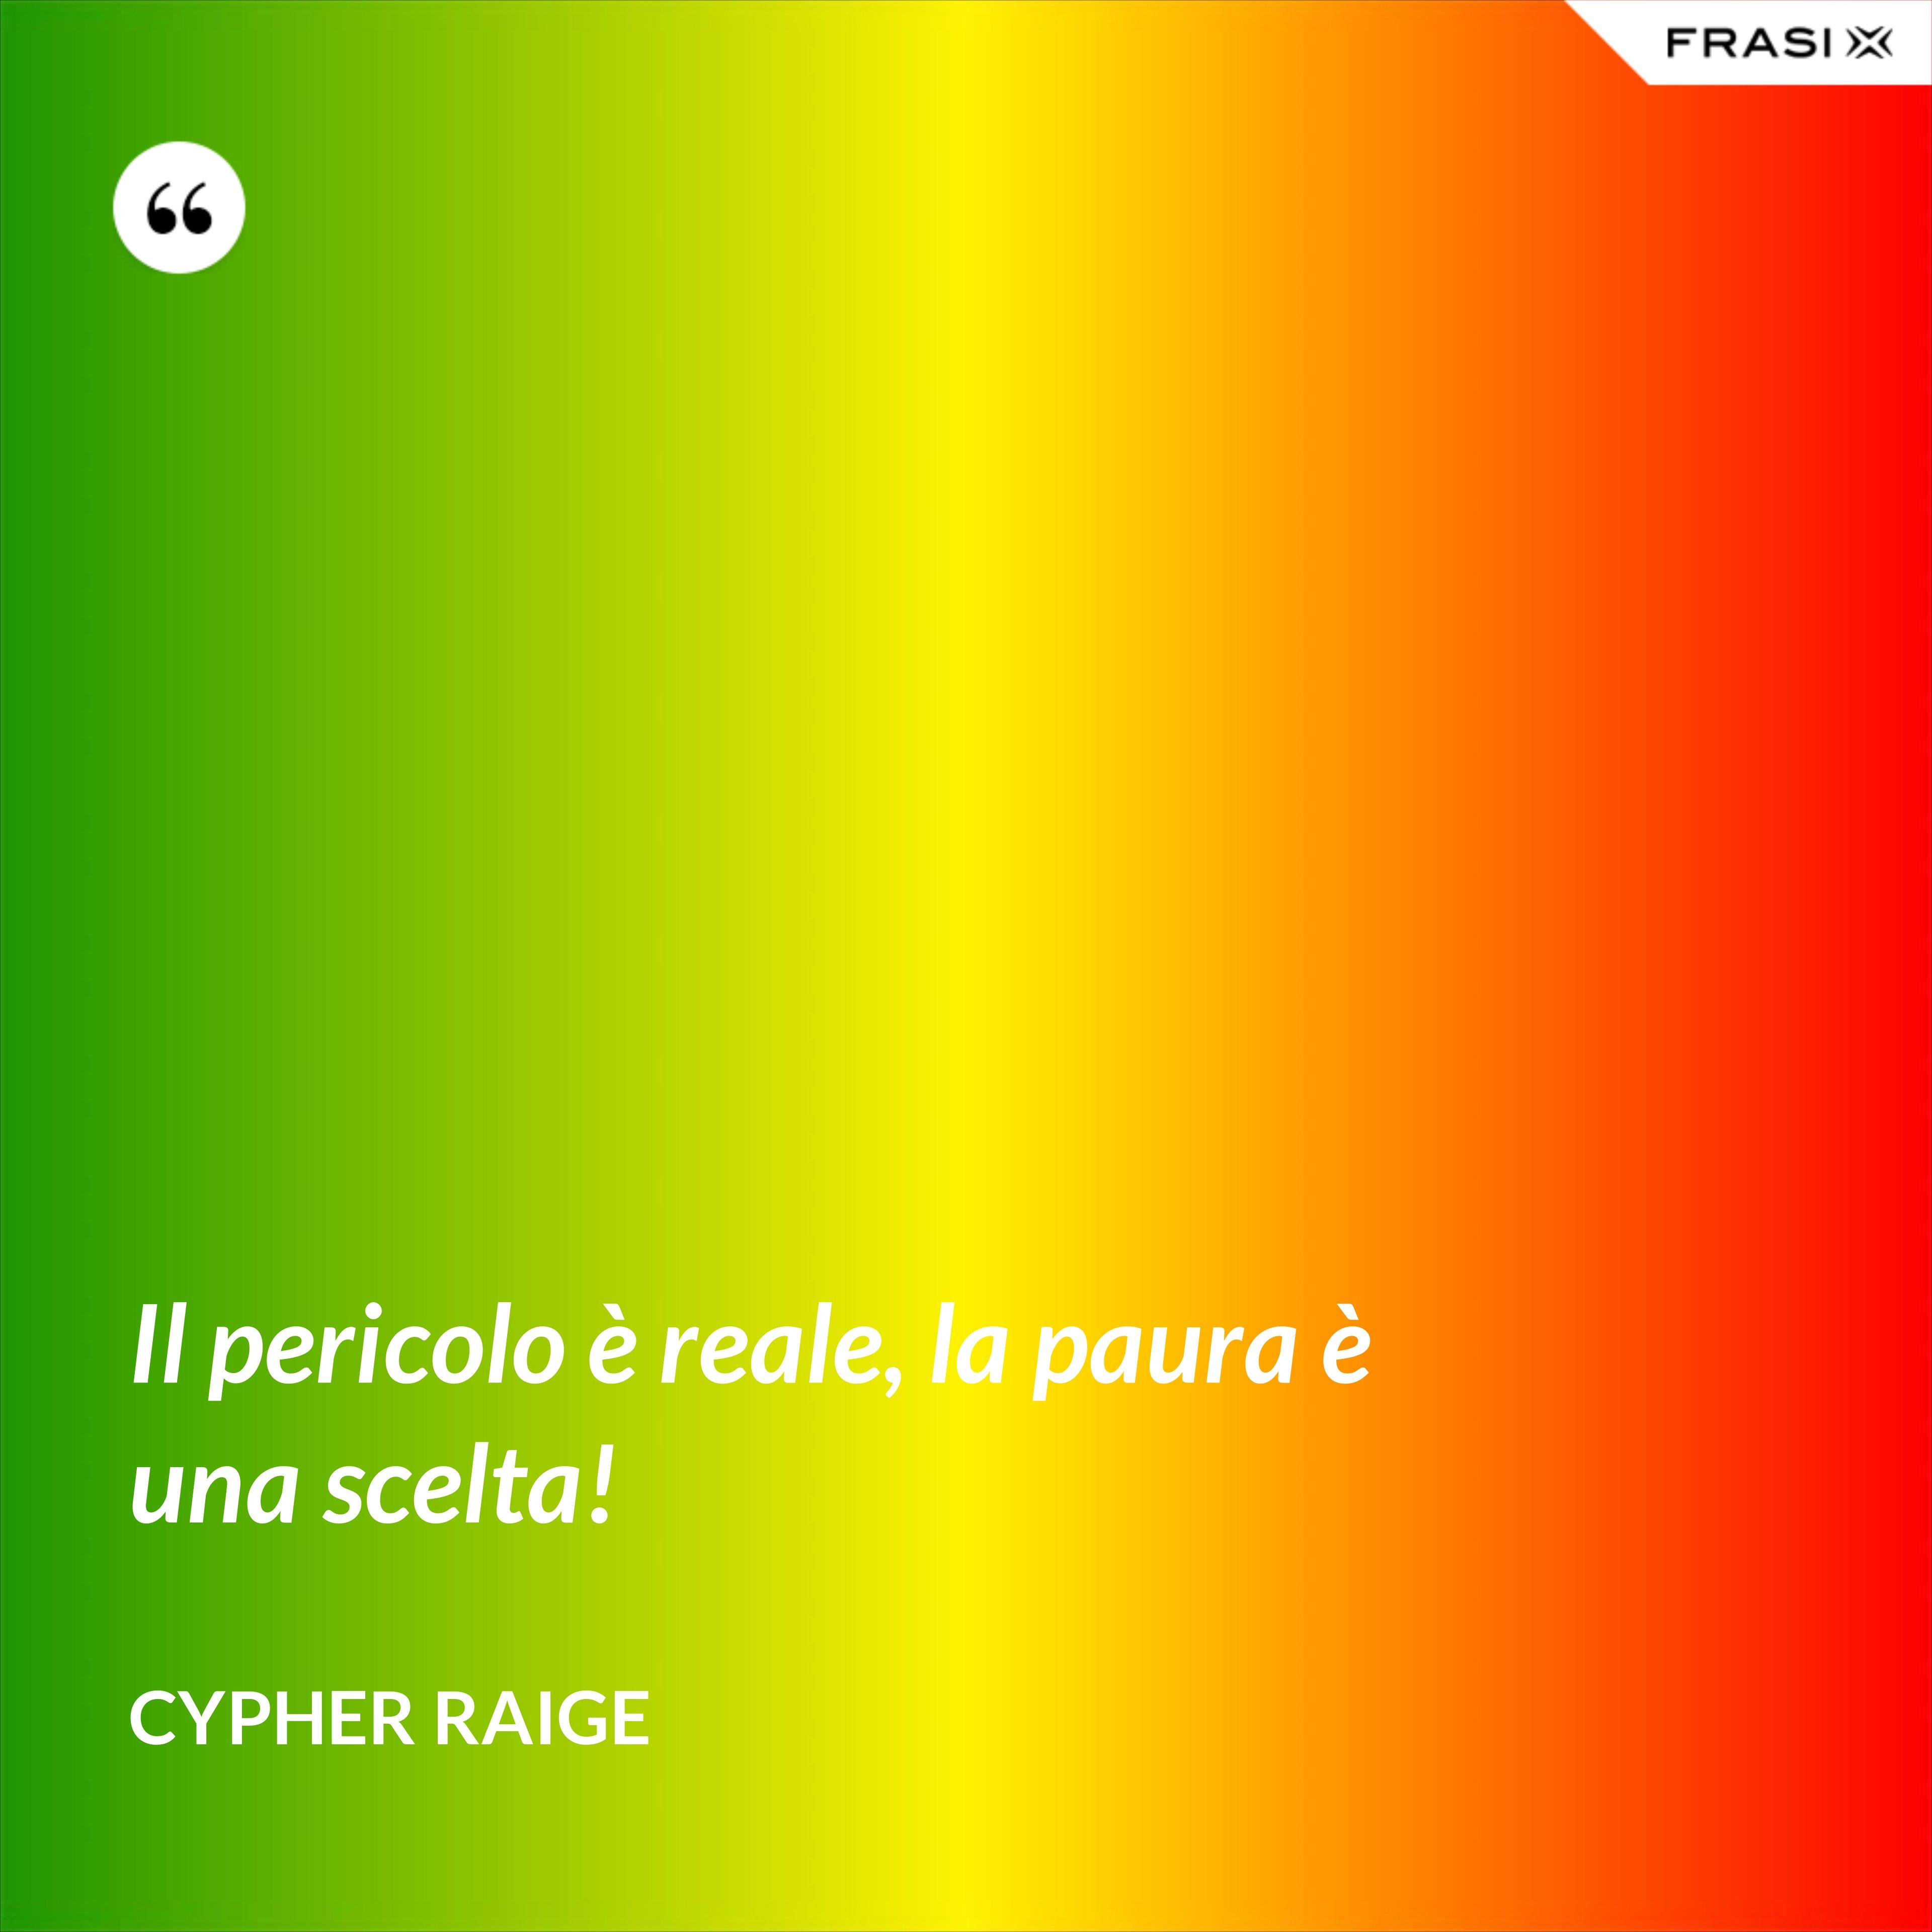 Il pericolo è reale, la paura è una scelta! - Cypher Raige